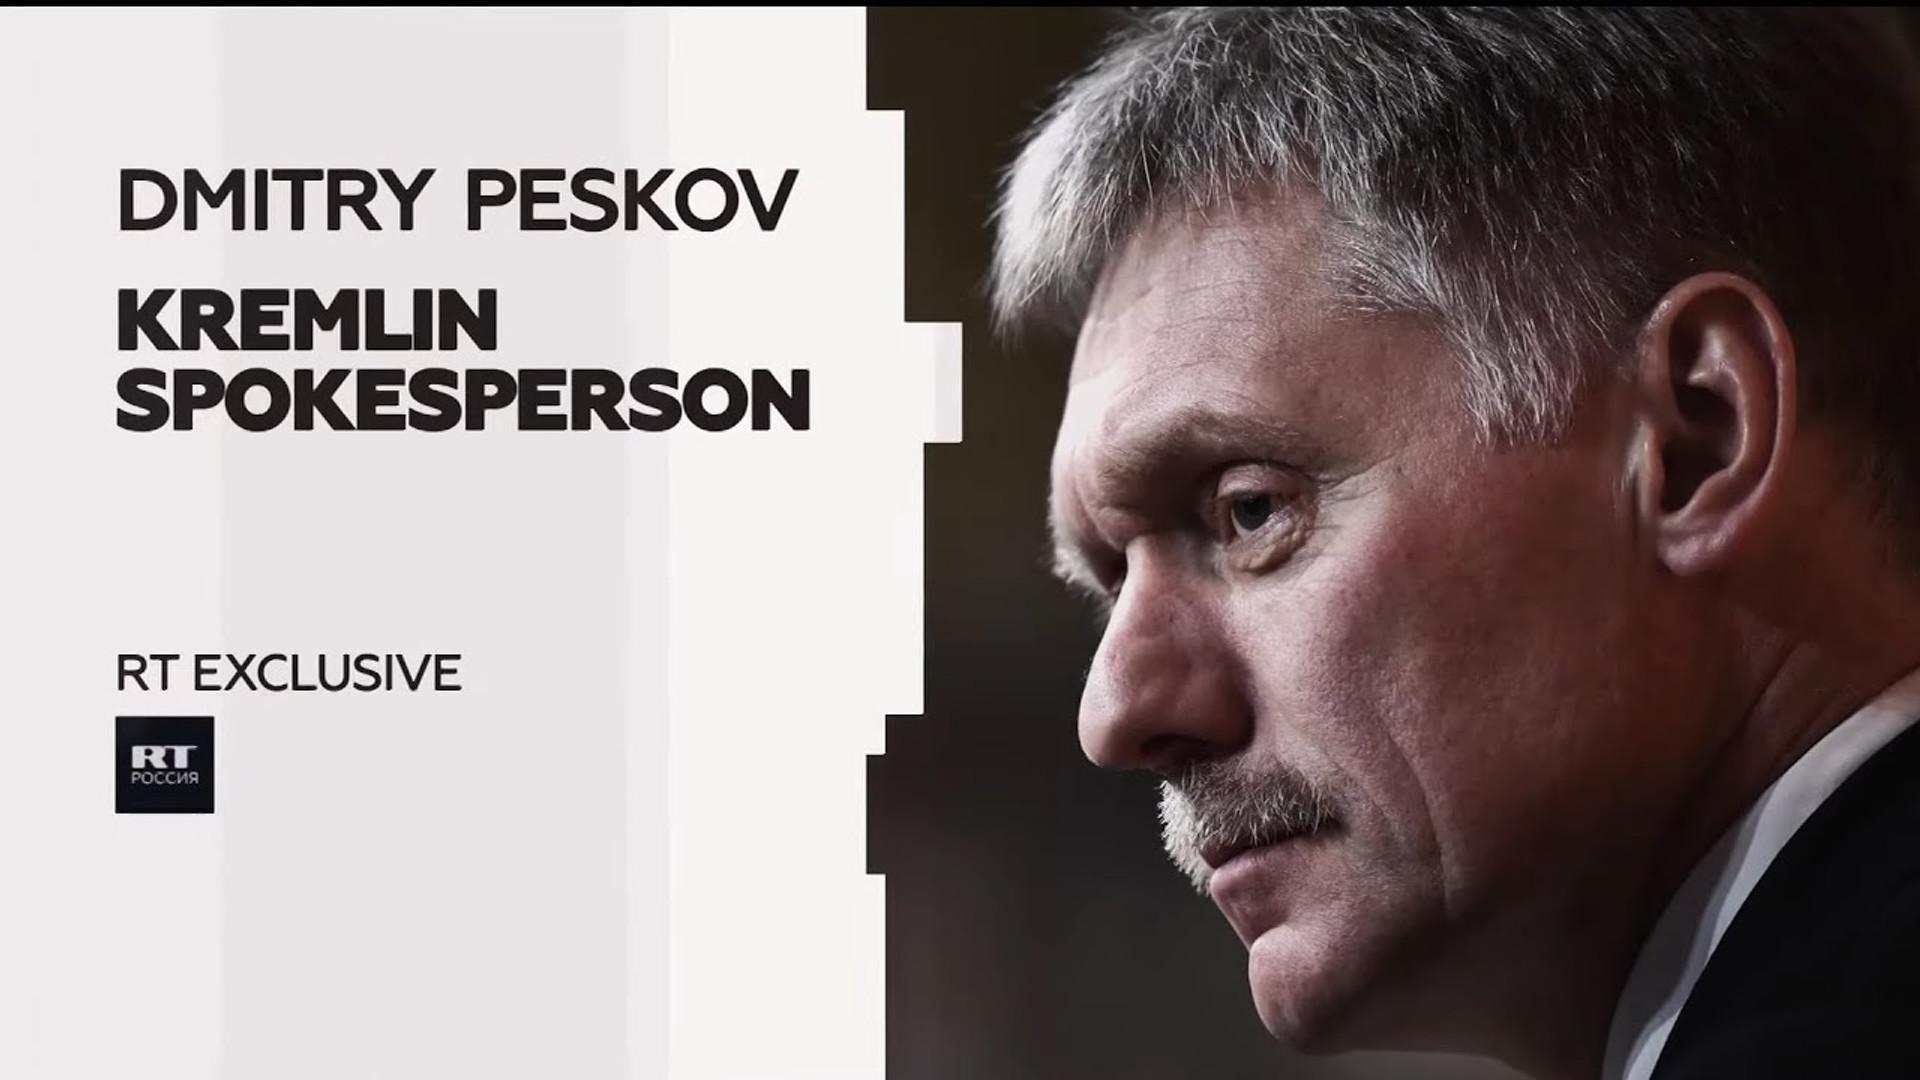 Ein POTUS, der bereit ist, die Beziehungen zwischen den USA und Russland zu reparieren, würde uns viel glücklicher machen sagt der Kreml-Sprecher